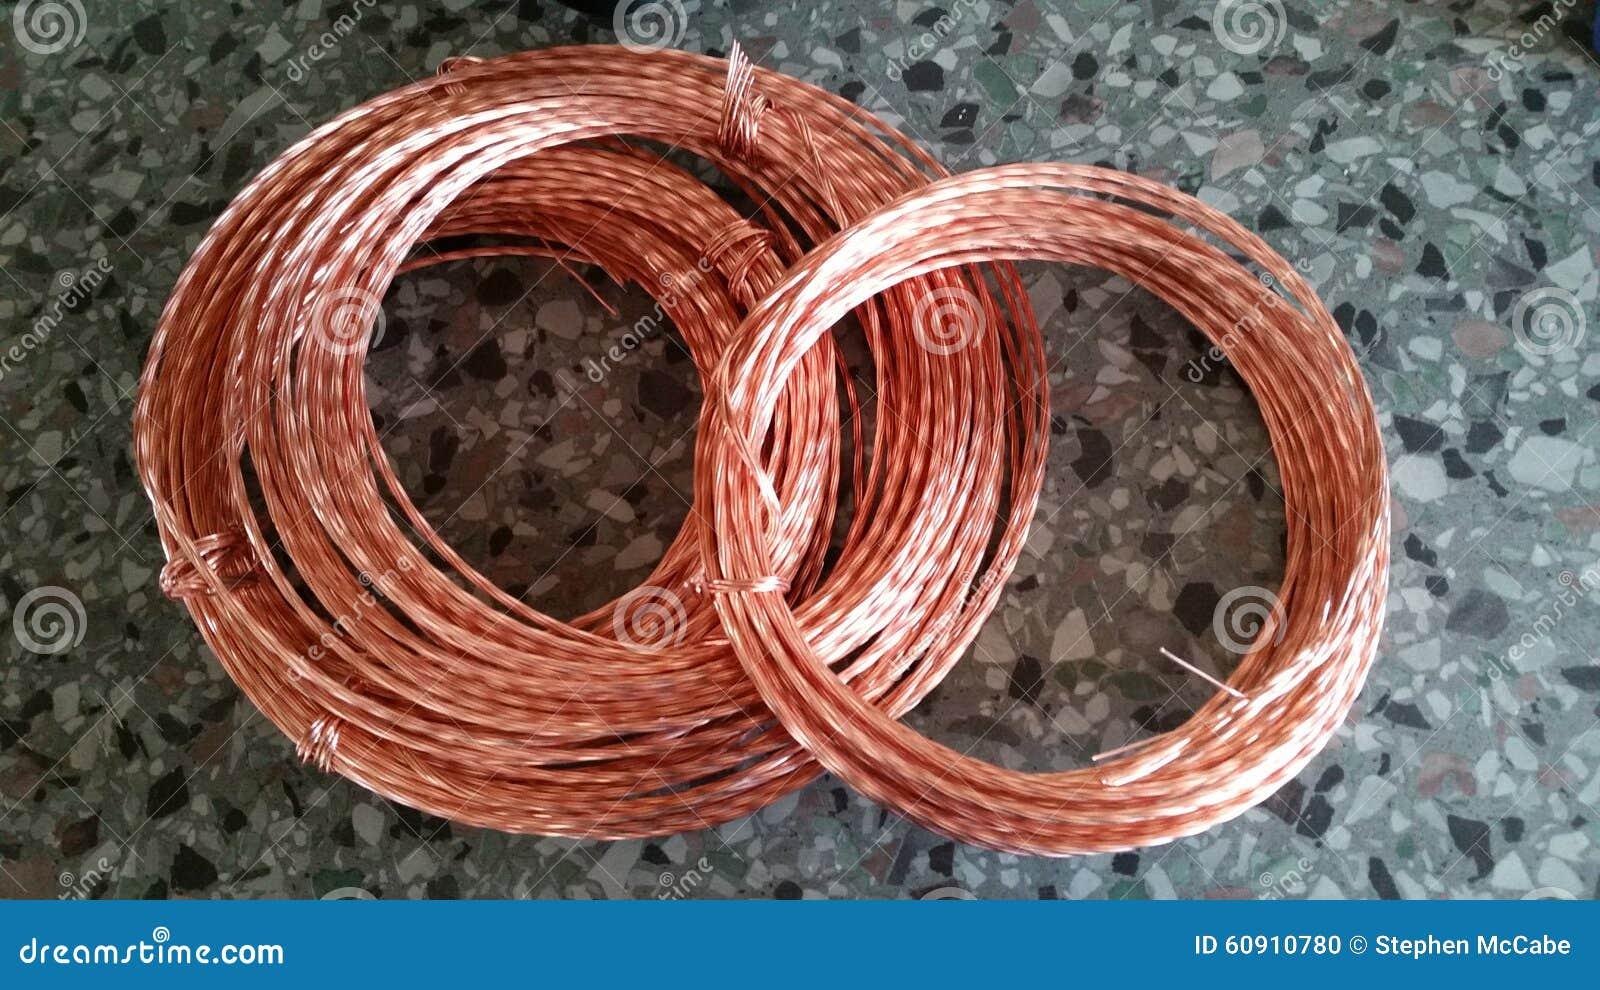 Copper Wire Identification : Copper coils stock photo image